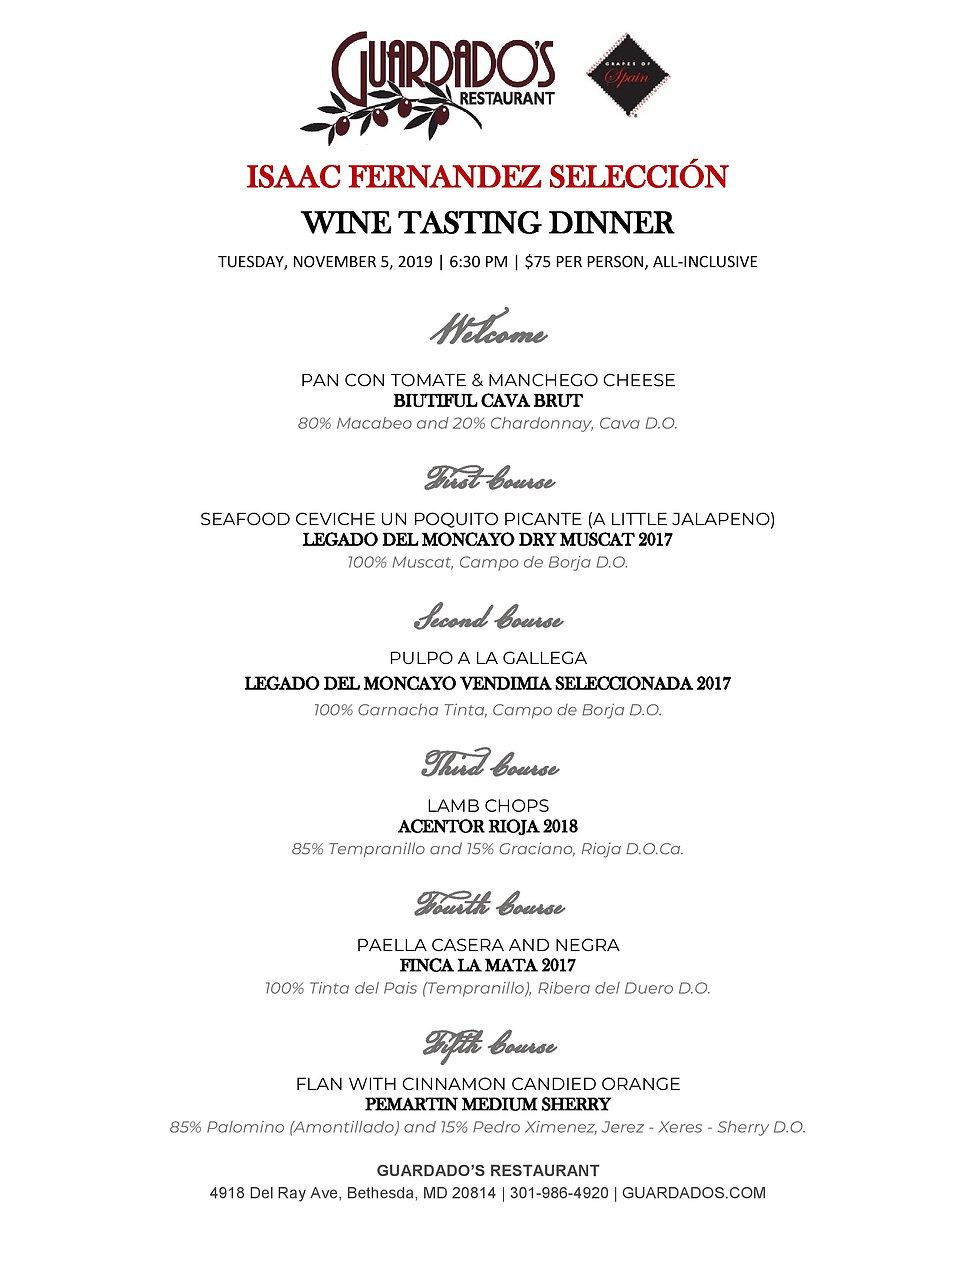 Guardados - Isaac Fernandez - 11.5 Dinne